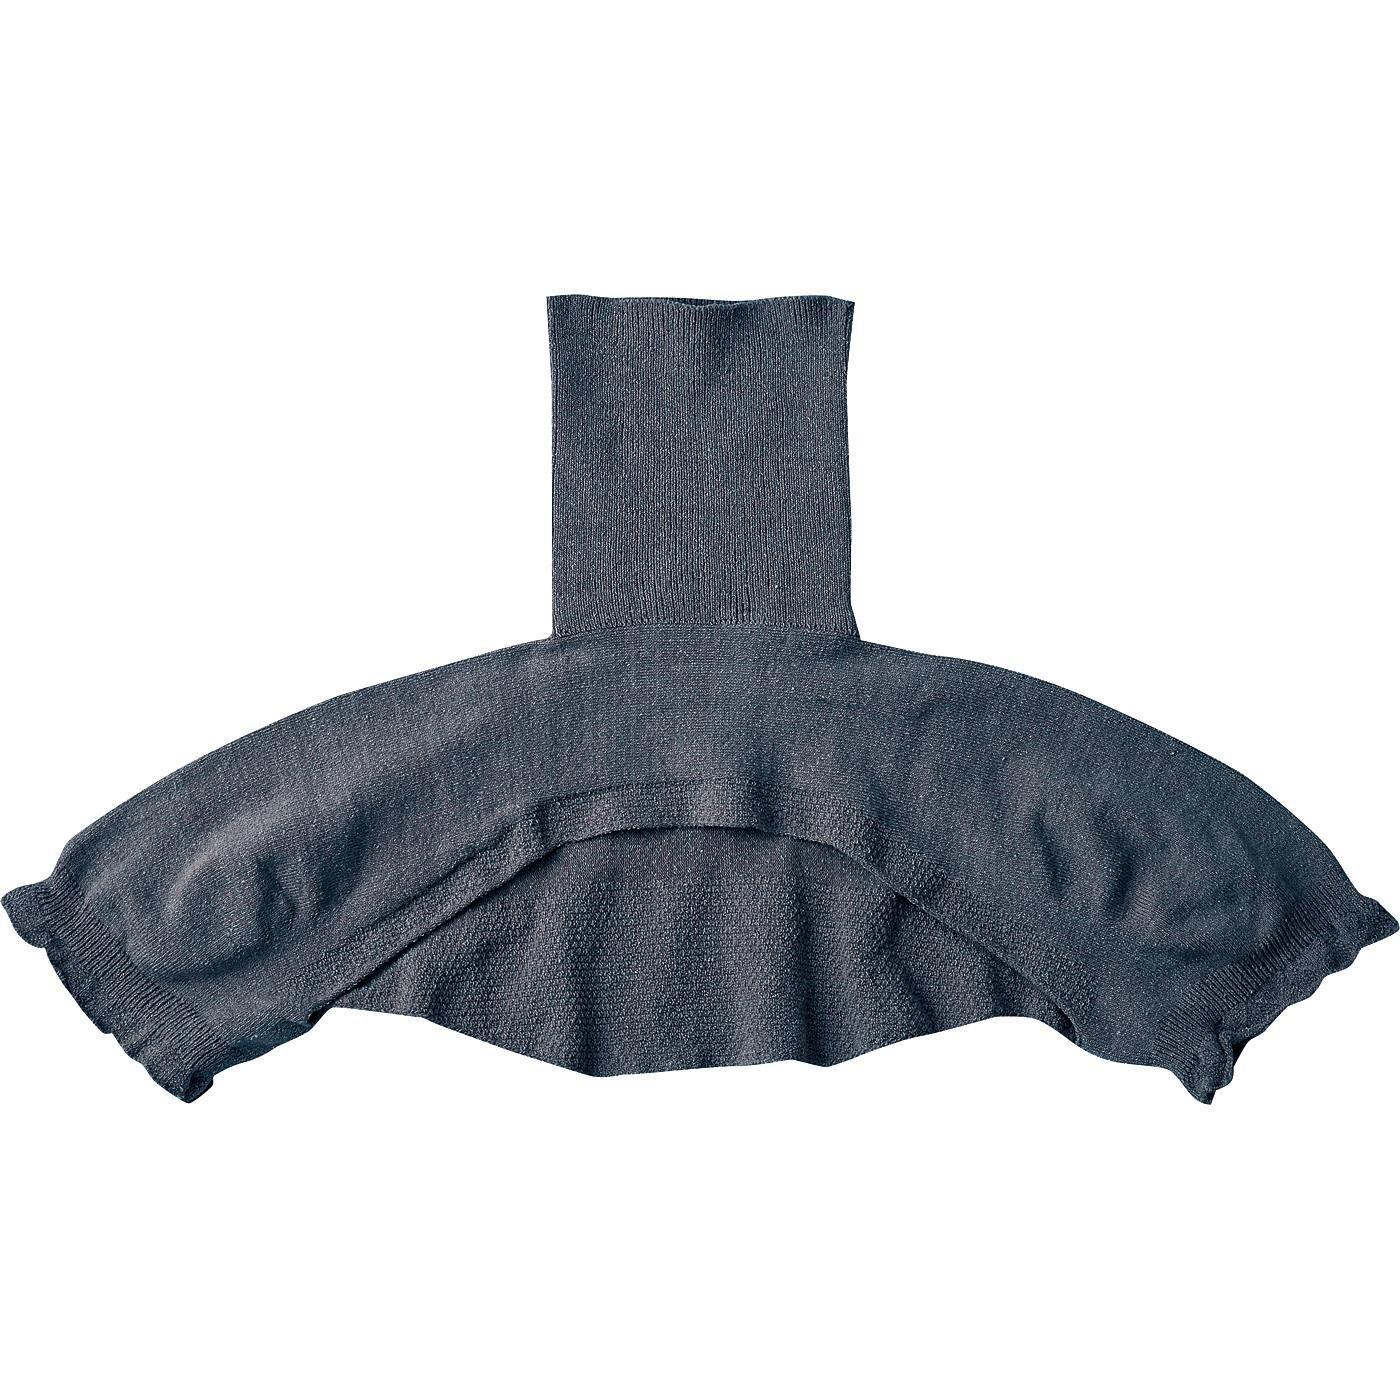 ホールガーメント(R)の解放感 絹混ニットの首肩ウォーマー〈ネイビー〉